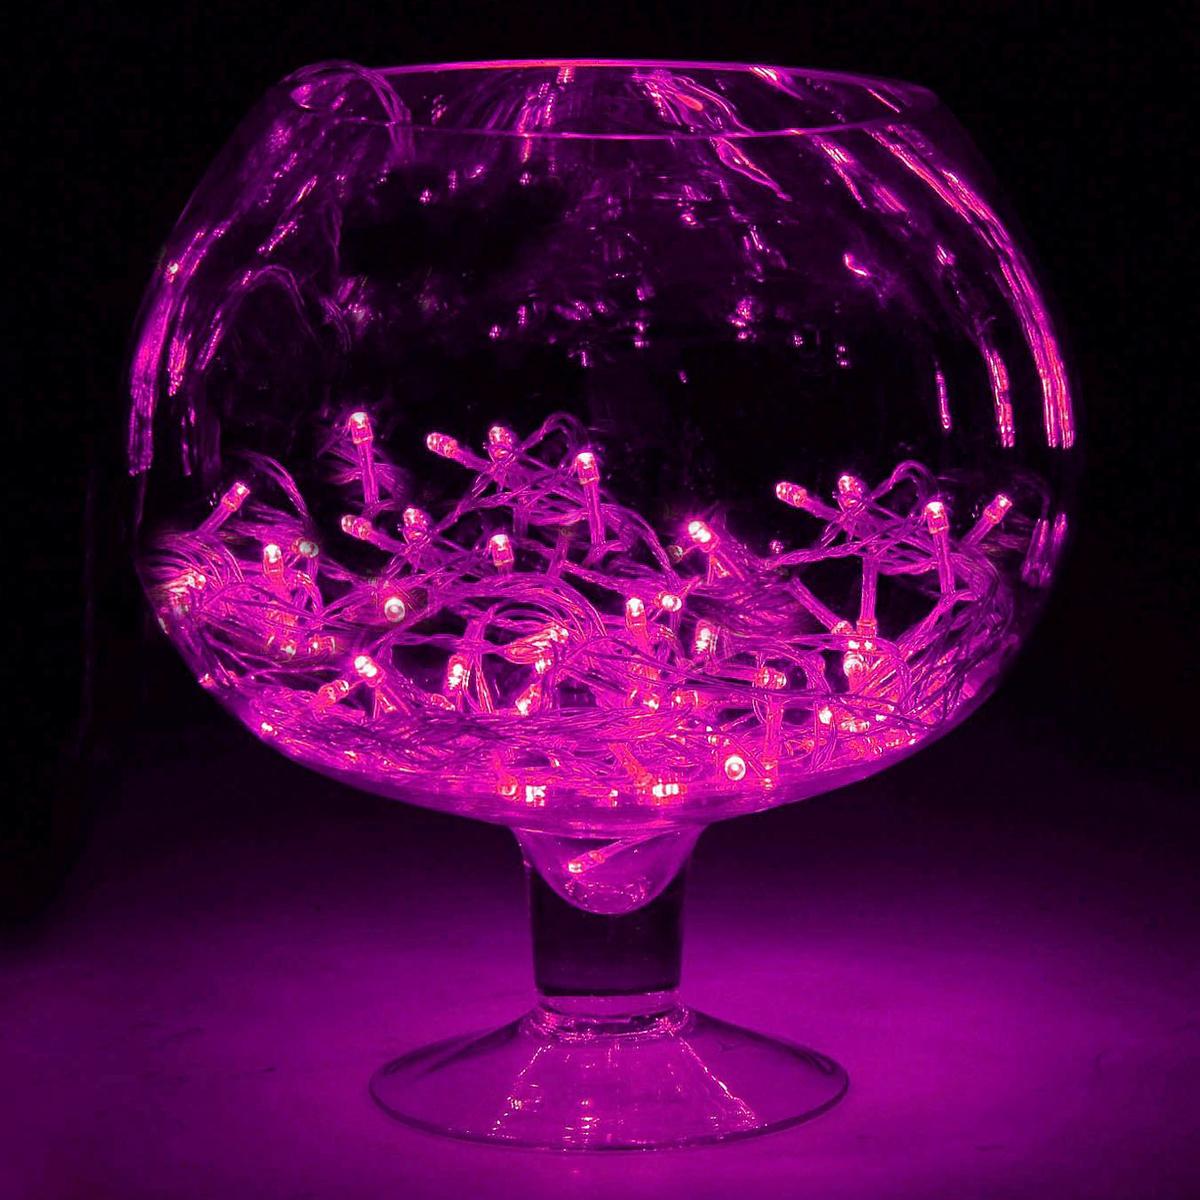 Гирлянда светодиодная Luazon Метраж, 8 режимов, 100 ламп, 220 V, 6,5 м, цвет: розовый. 187171187171Светодиодные гирлянды, ленты и т.д. — это отличный вариант для новогоднего оформления интерьера или фасада. С их помощью помещение любого размера можно превратить в праздничный зал, а внешние элементы зданий, украшенные ими, мгновенно станут напоминать очертания сказочного дворца. Такие украшения создают ауру предвкушения чуда. Деревья, фасады, витрины, окна и арки будто специально созданы, чтобы вы украсили их светящимися нитями.